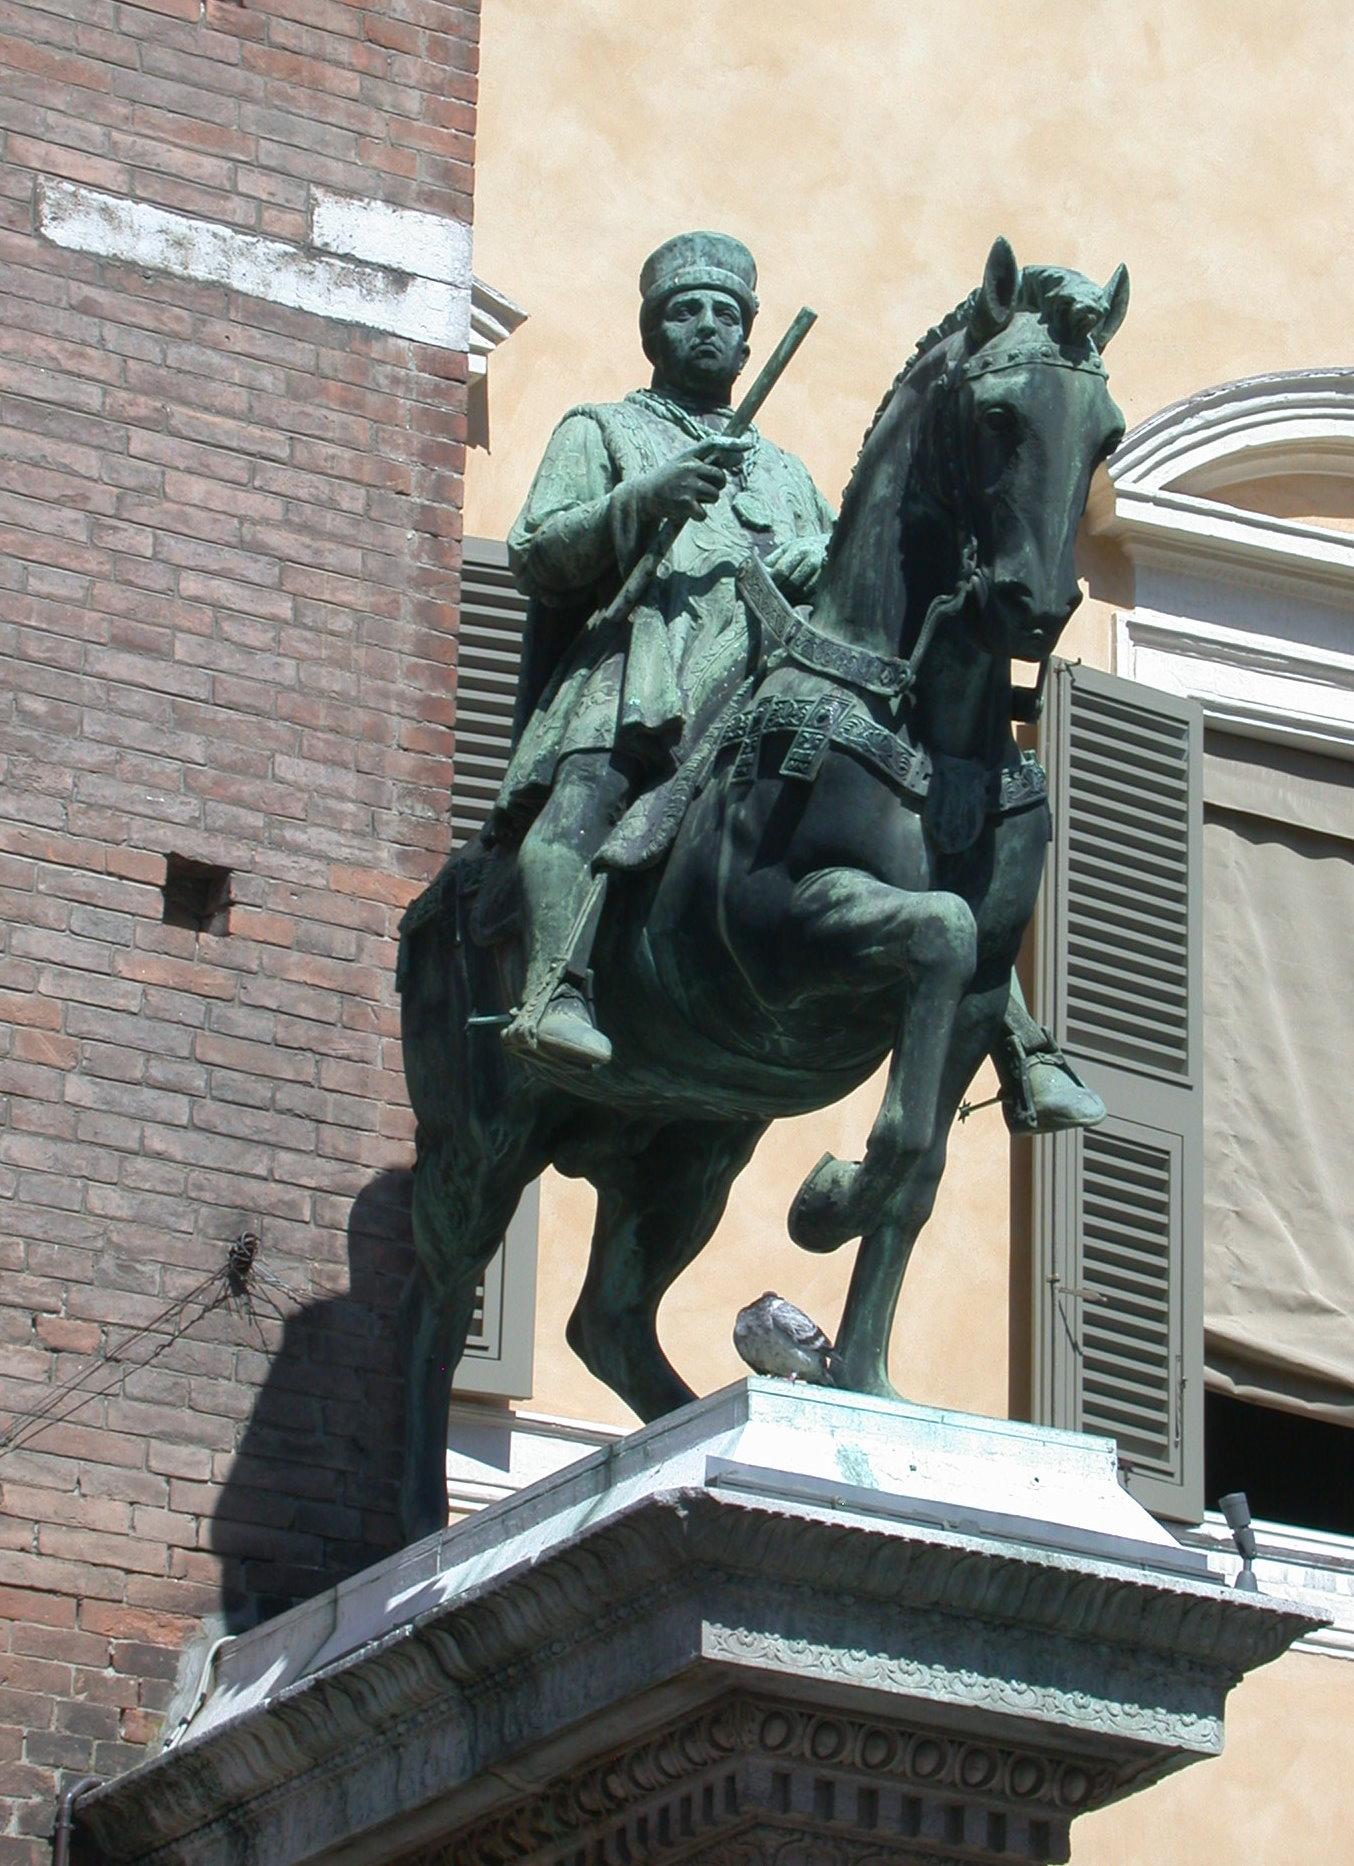 """vor dem Palazzo Communale in Ferrara. Kopie nach der Statue von 1451 durch Giacomo Zilocchi (1927).<br> Quelle: Riccardo Speziari, <a href=""""https://commons.wikimedia.org/wiki/File:Ferrara_-_Statua_di_Niccolo_III_d%27Este_2.jpg"""">Wikimedia Commons / User:RicciSpeziari</a><br> Lizenz: <a href=""""https://creativecommons.org/licenses/by-sa/3.0/deed.de"""">Creative Commons BY-SA 3.0</a>"""